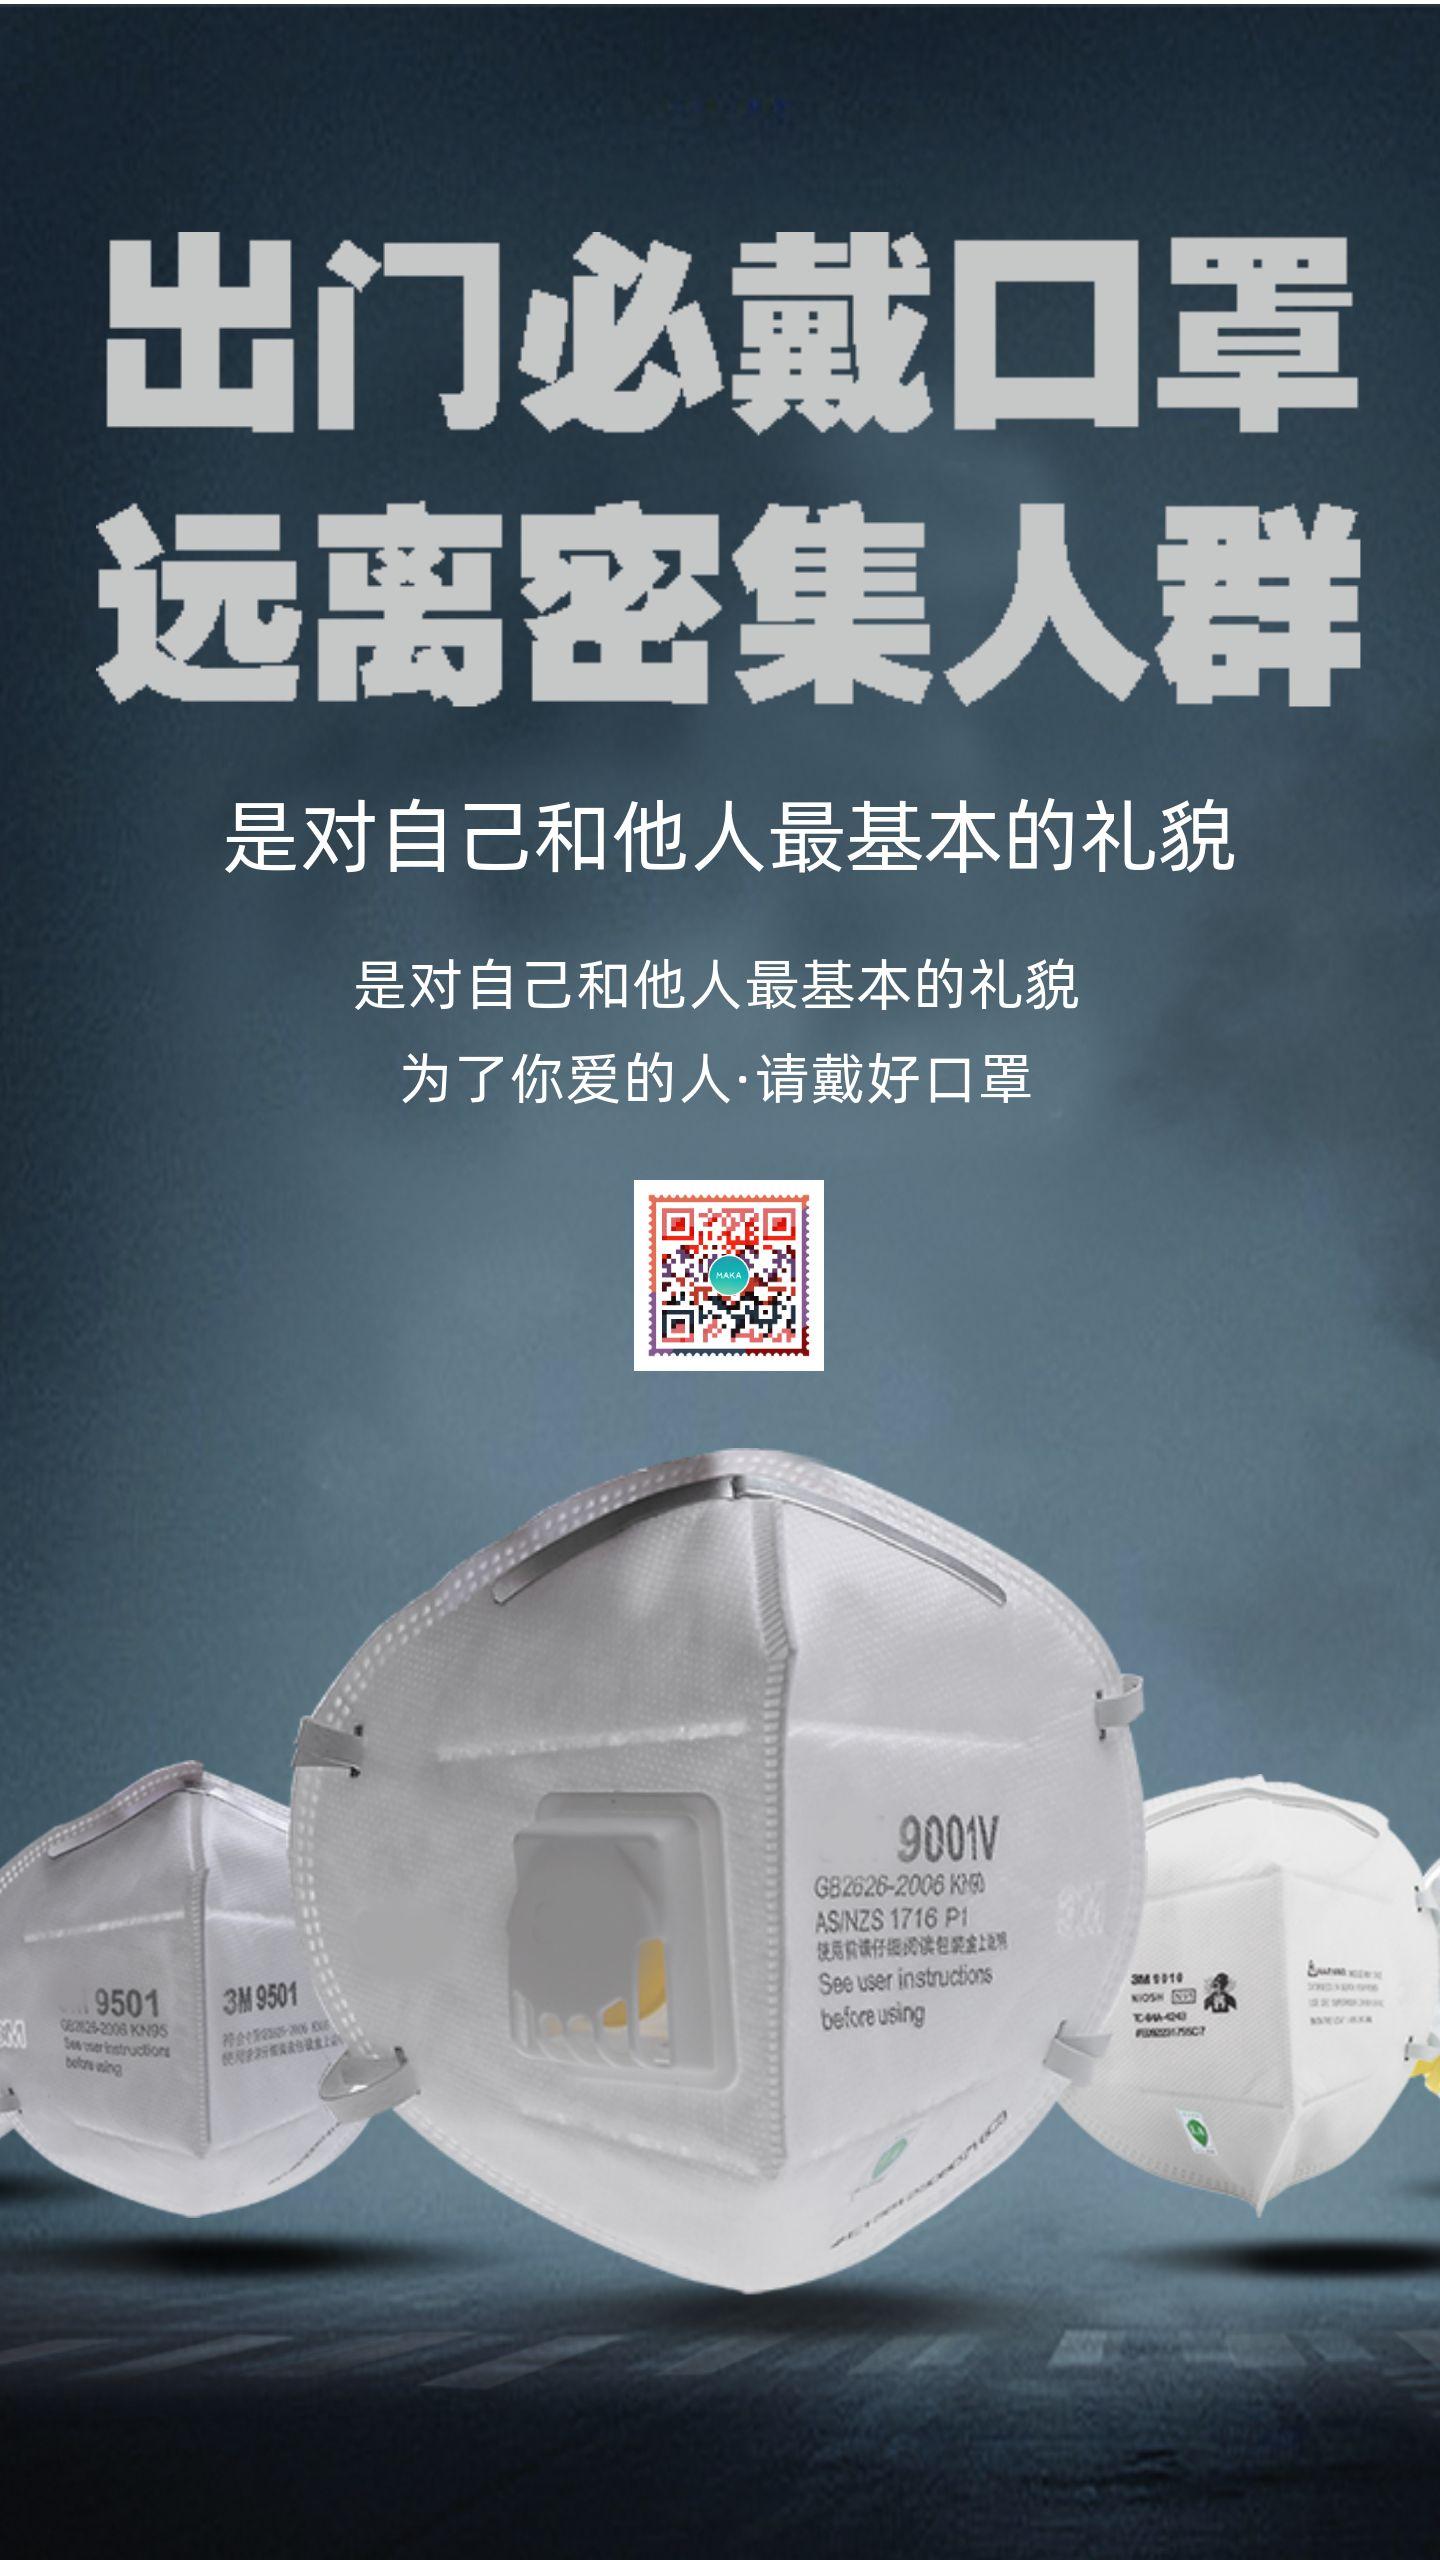 清新医疗卫生健康预防流感疫情防范呼吸病毒传染疾病宣传